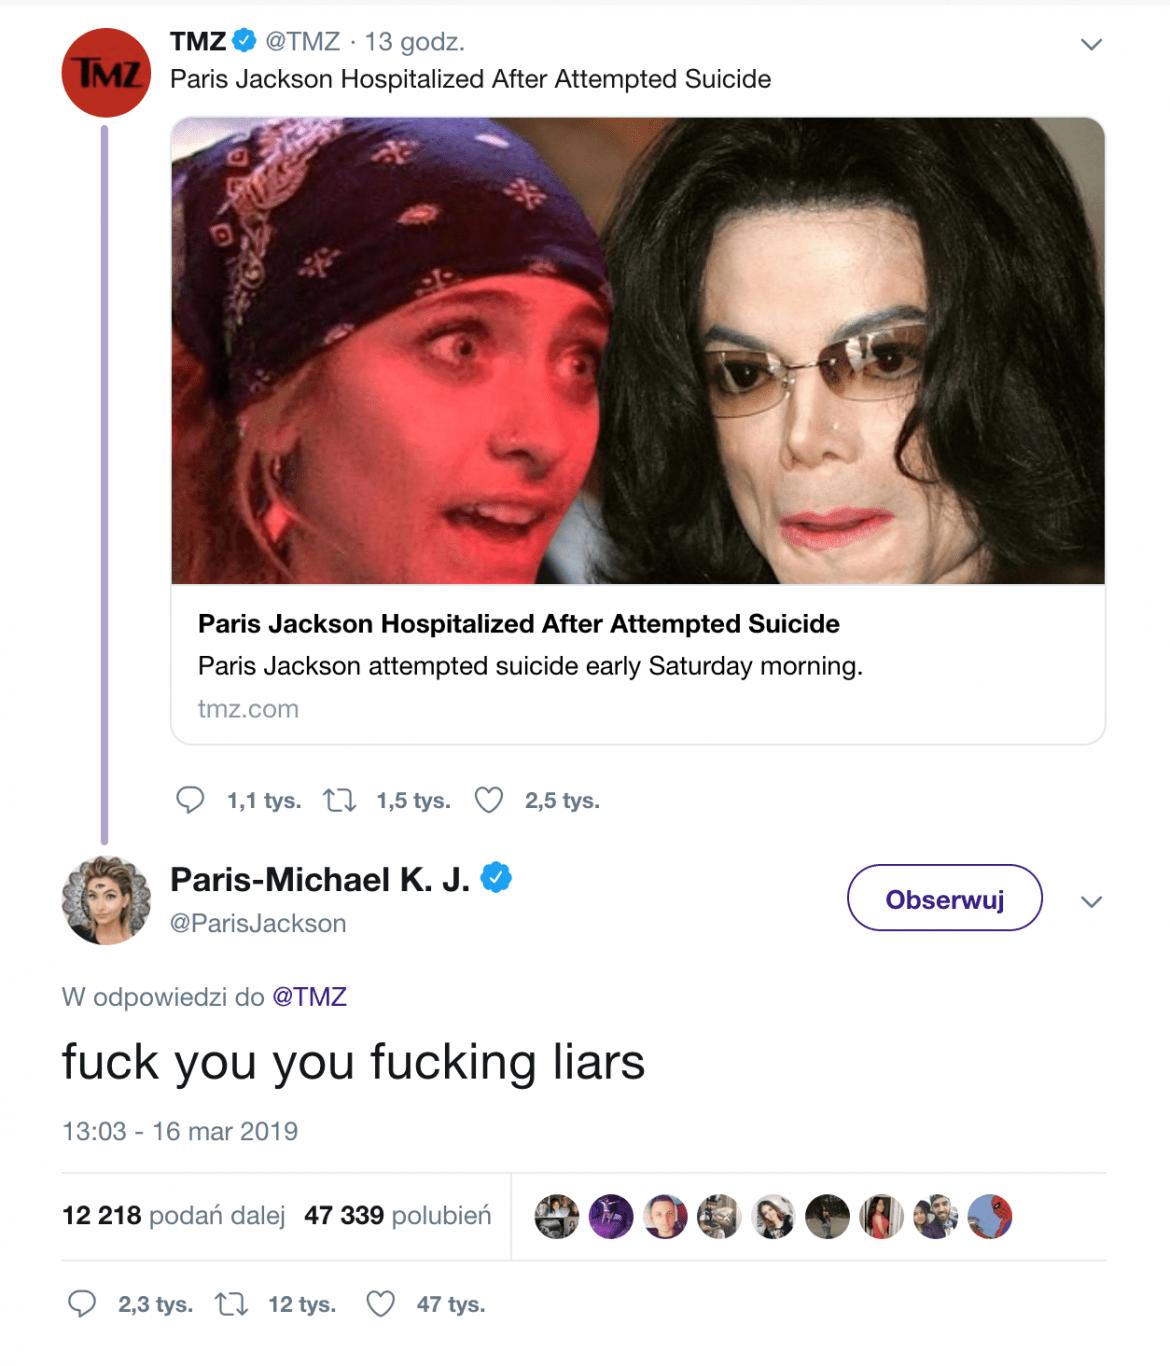 """Paris Jackson: """"Pierd**cie się jeb*ni kłamcy"""""""